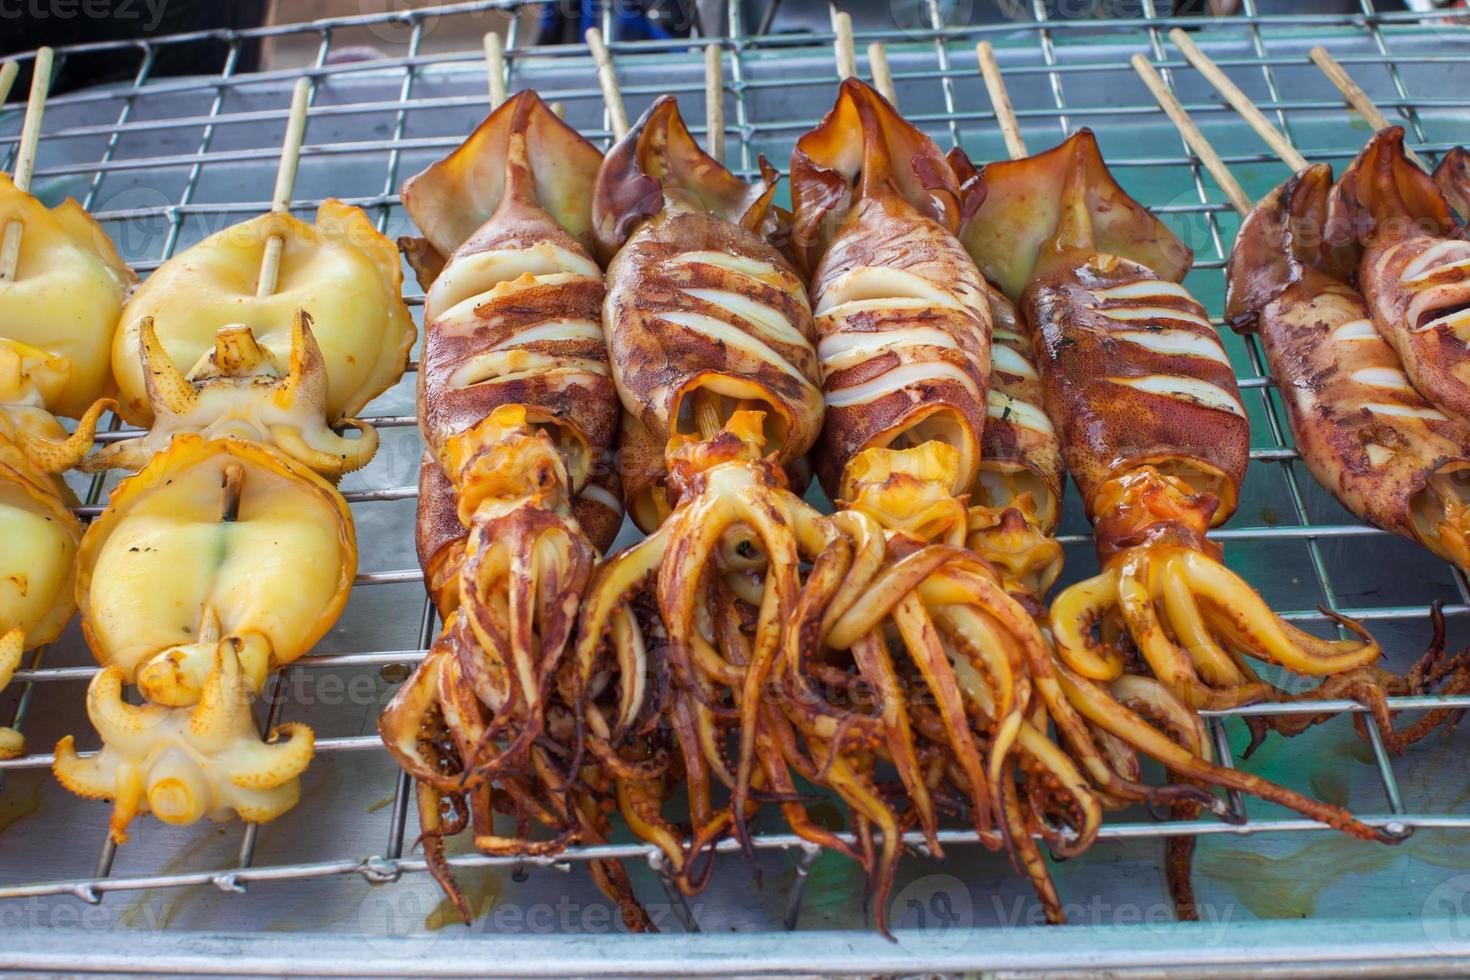 calamars rôtis sur bâtonnets photo